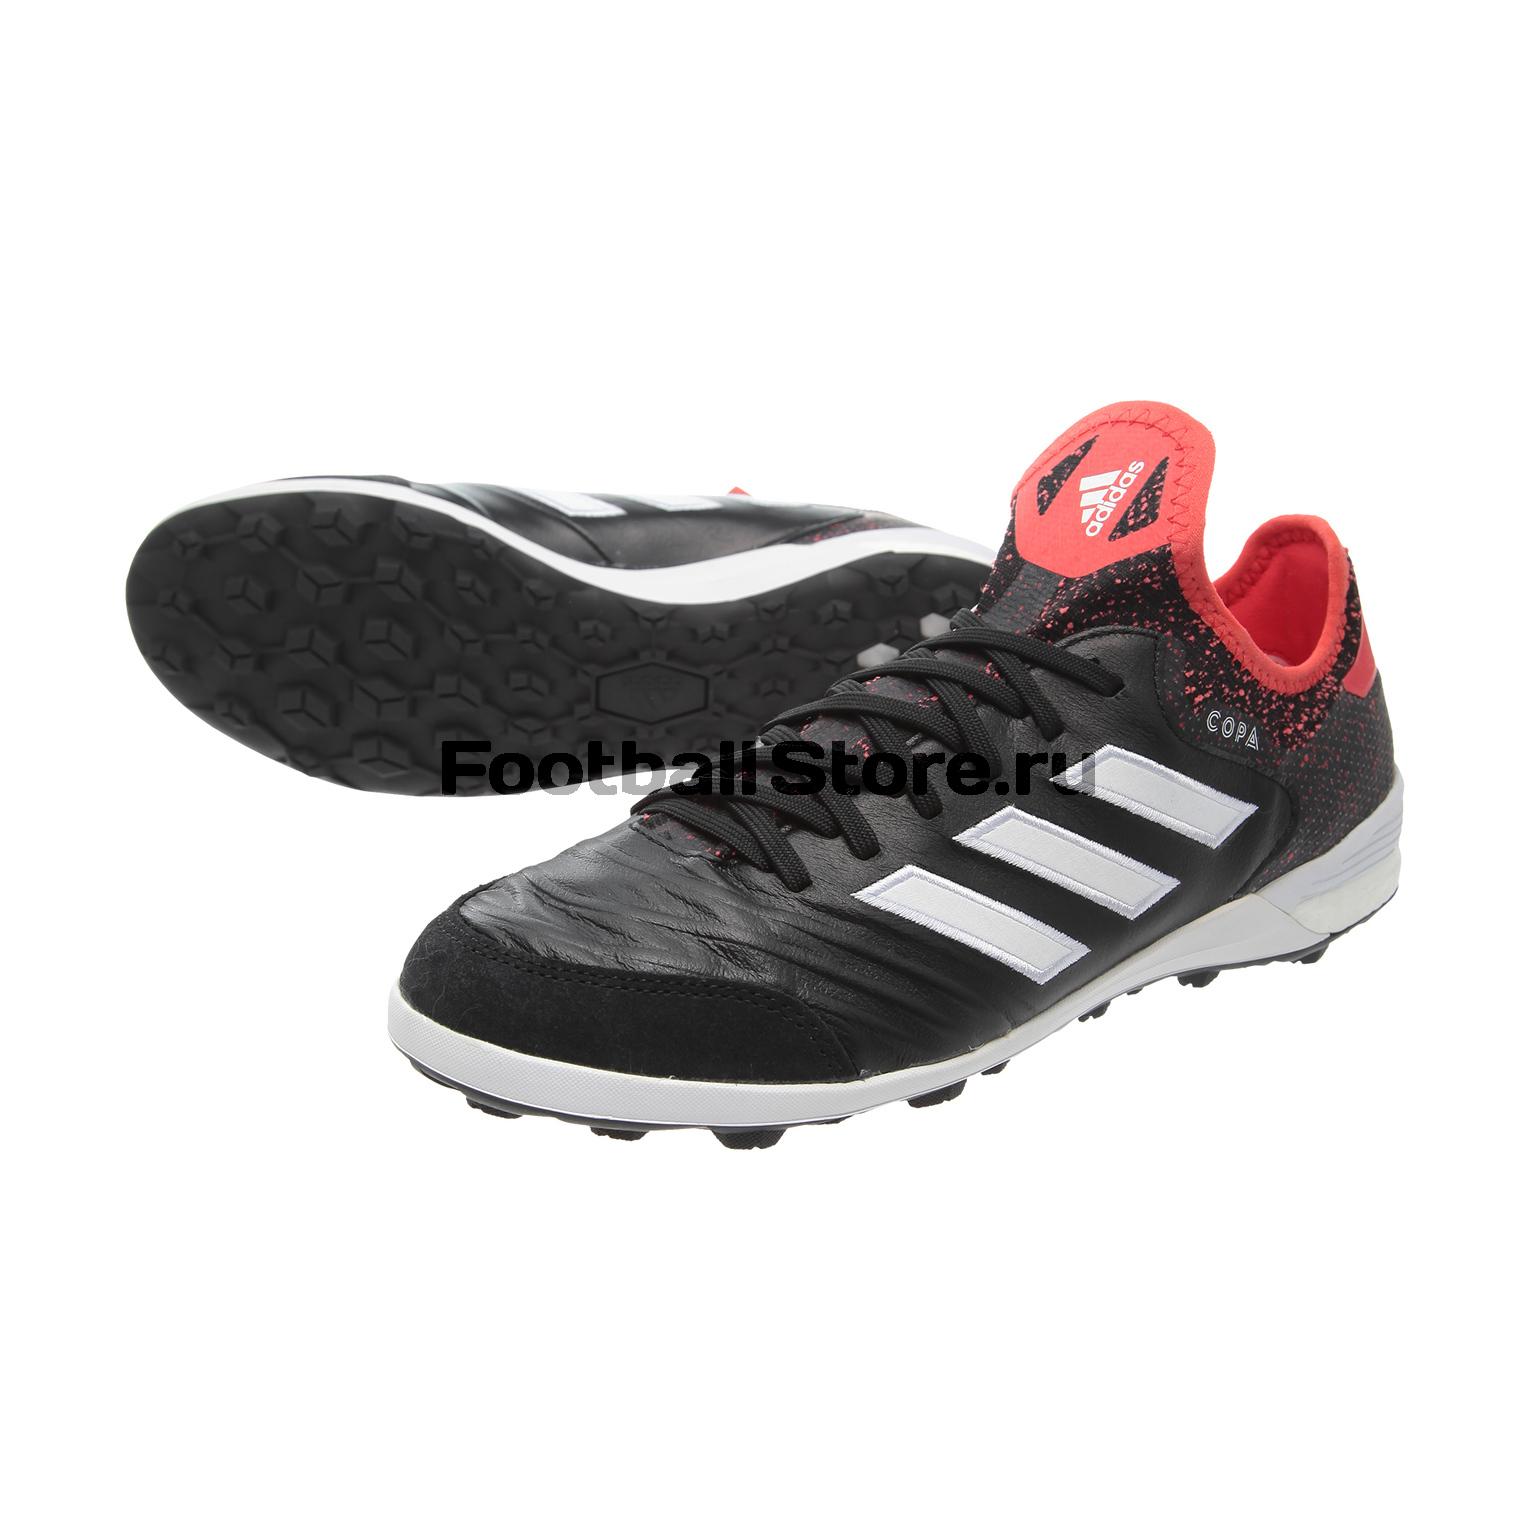 Шиповки Adidas Copa Tango 18.1 TF CP9433 цена